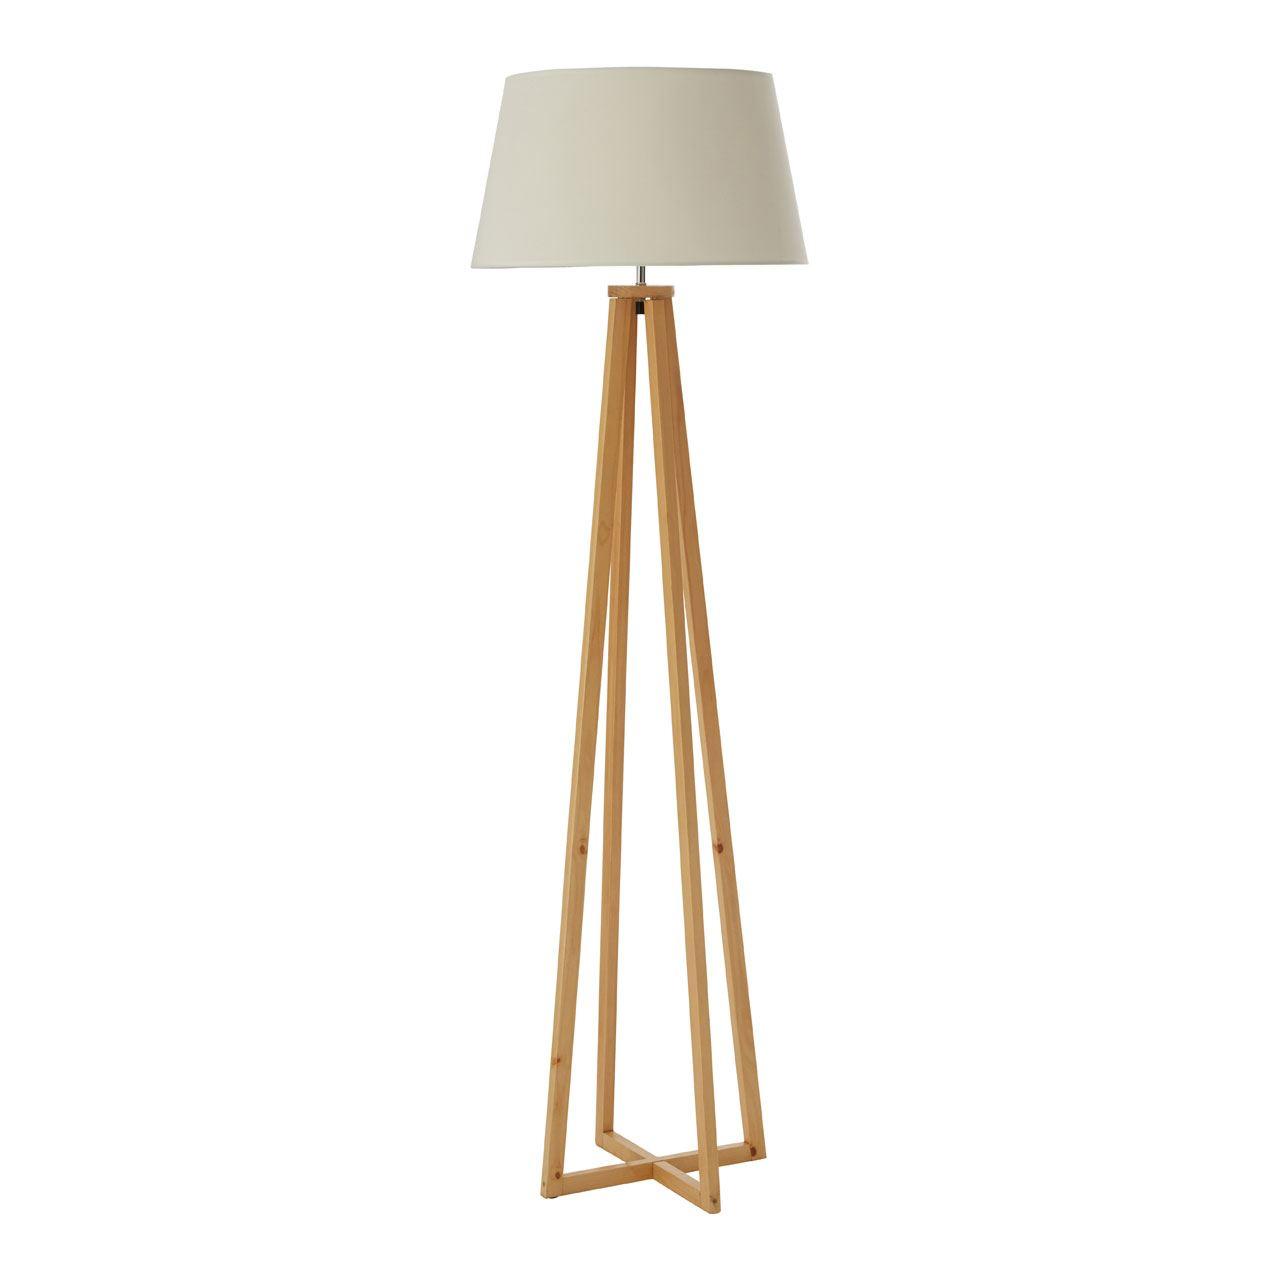 Breton Floor Lamp, Wood / Fabric Shade